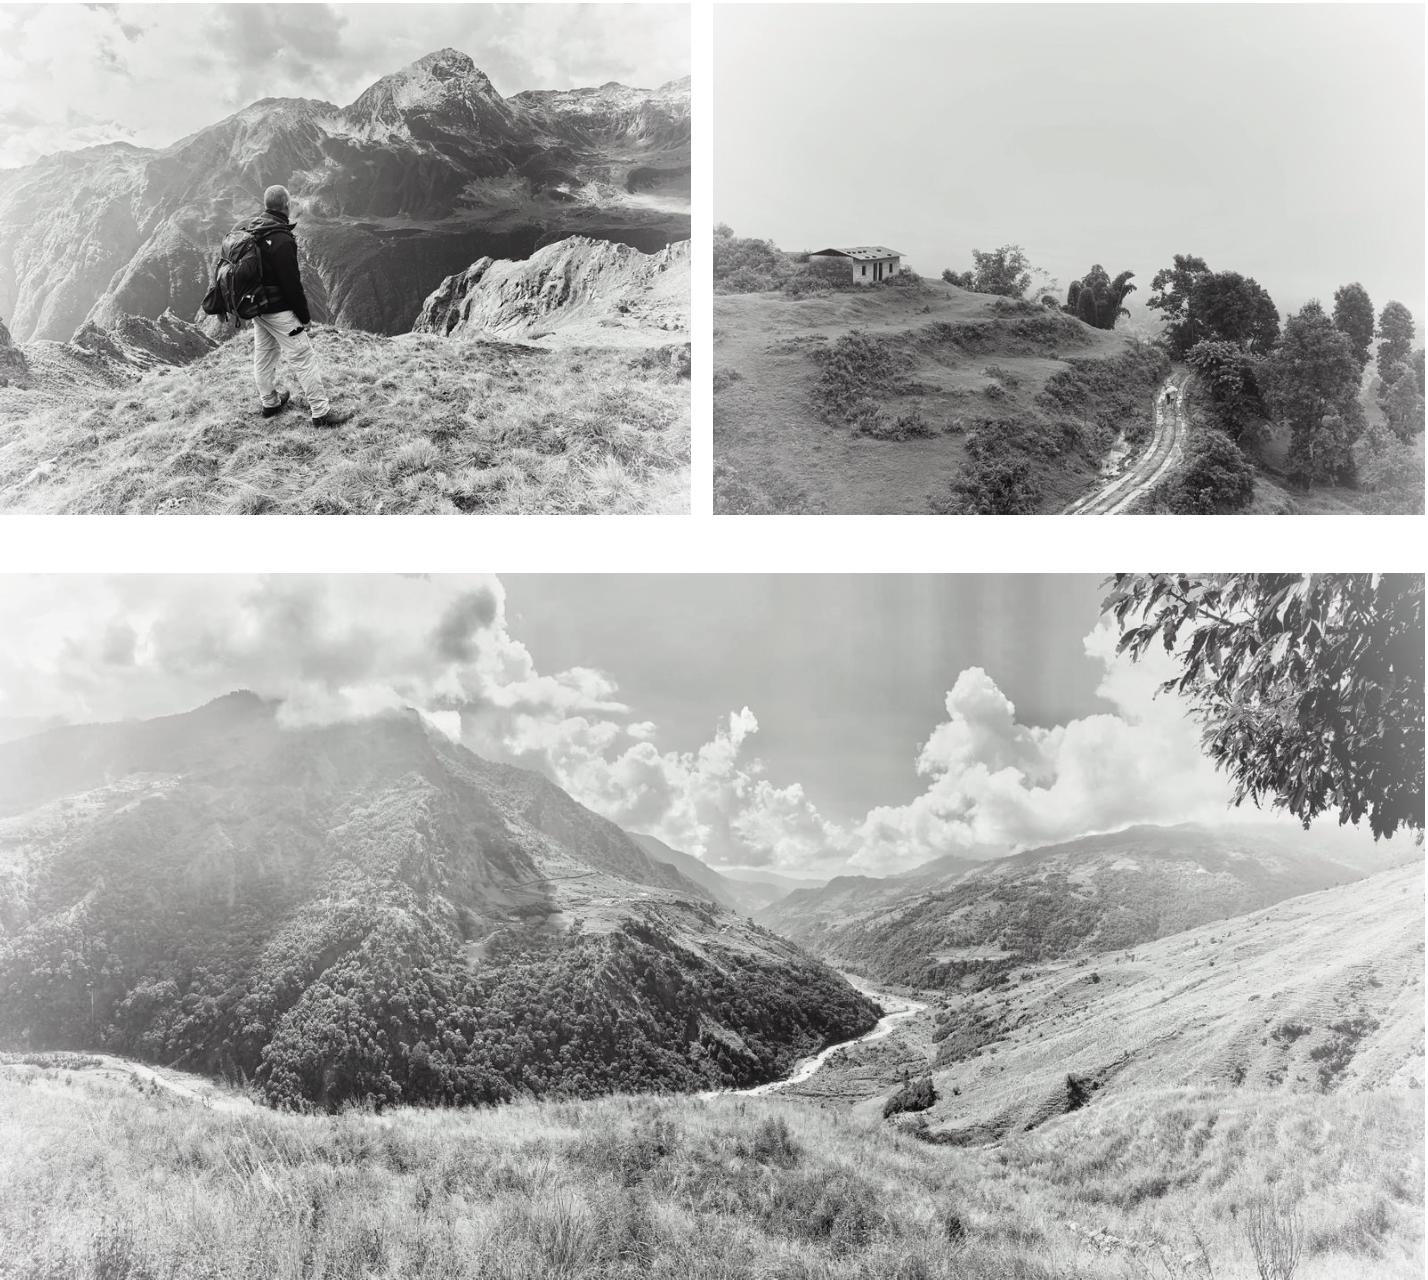 Nepal, Bastiaan Woudt 2019